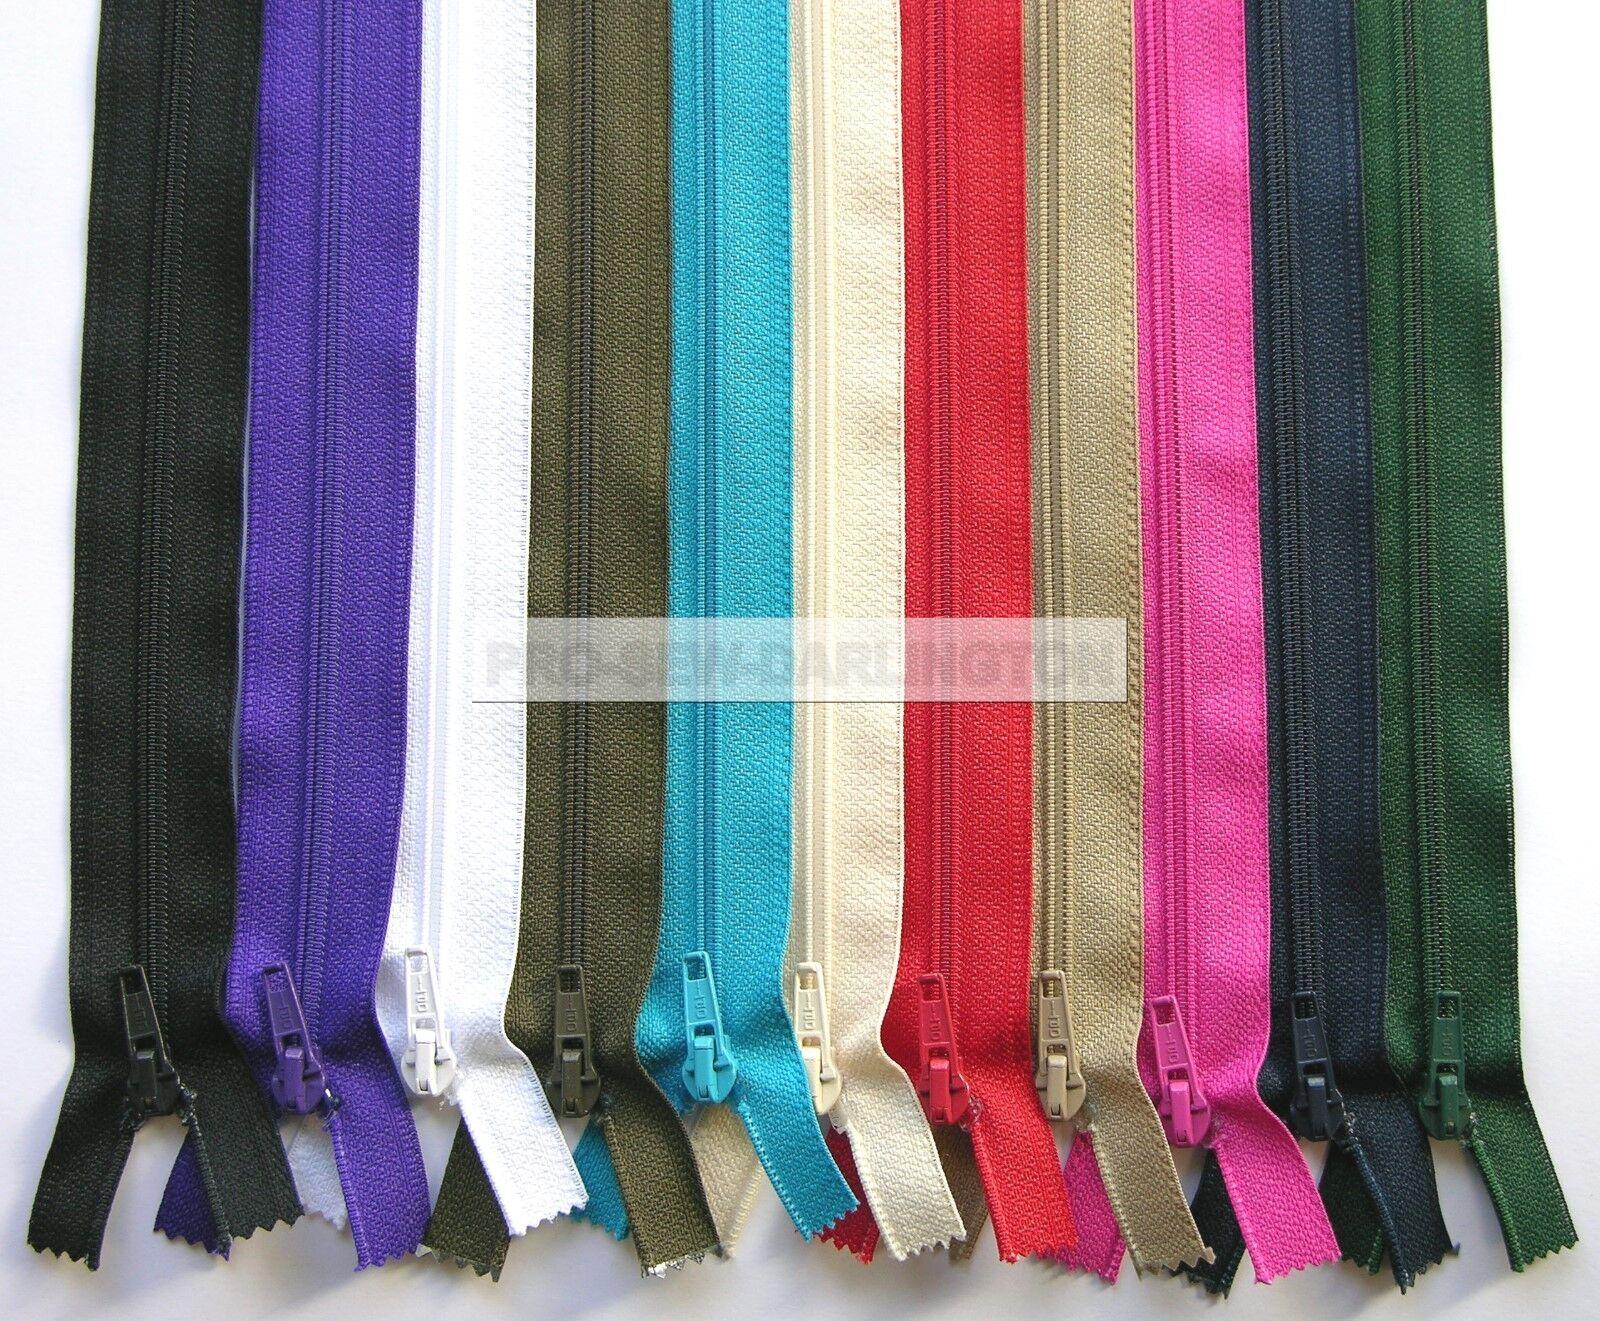 65 75 80cm  Zips Zippers Jacket Red Black Navy Waterproof Zip Open End 60 70